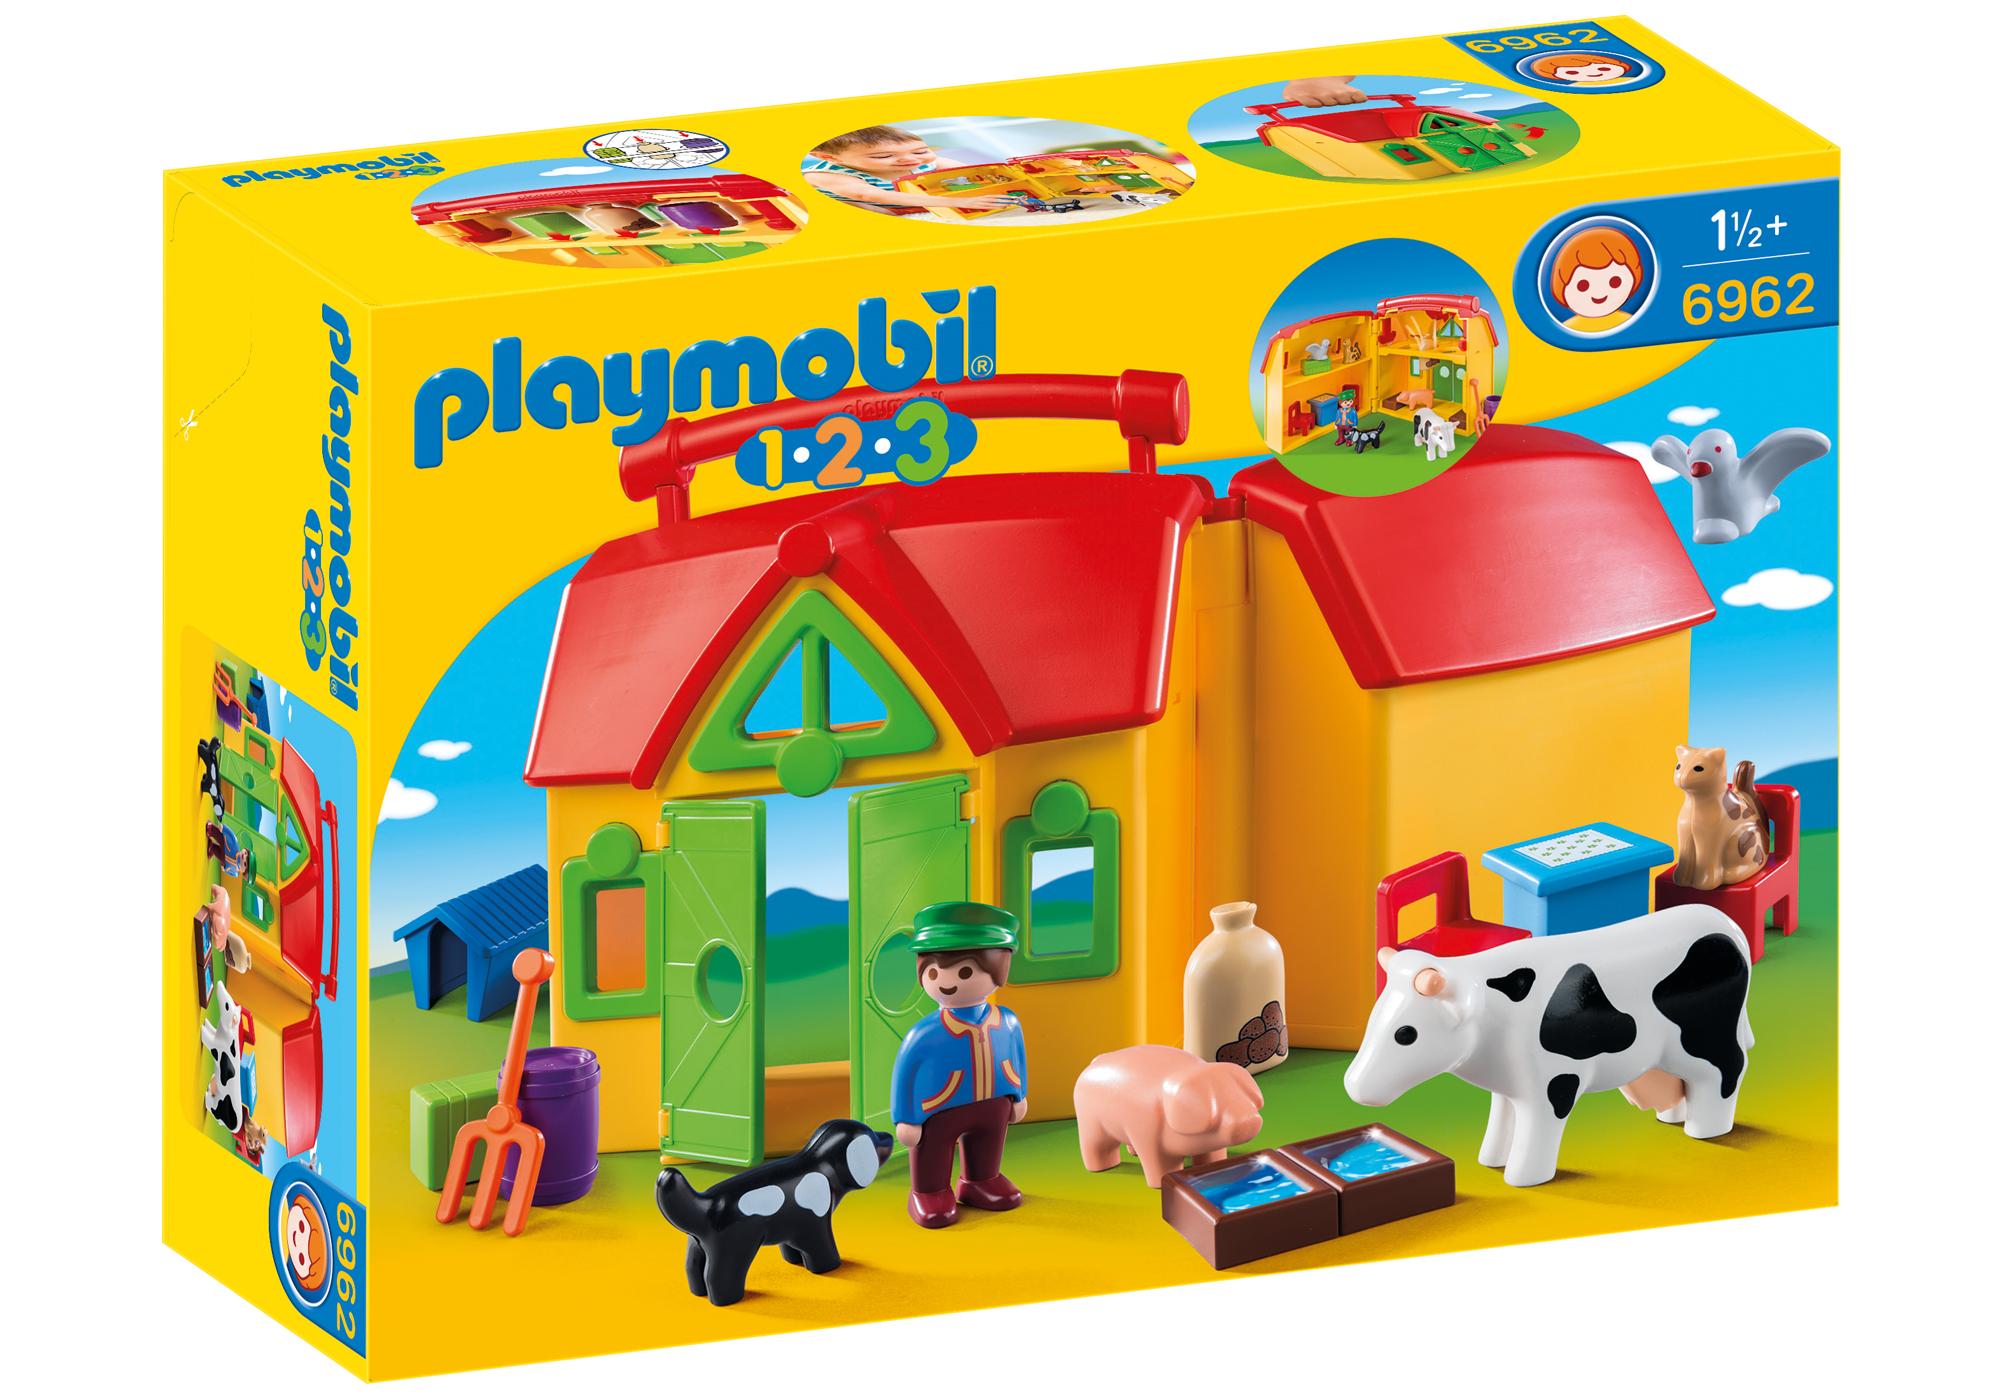 http://media.playmobil.com/i/playmobil/6962_product_box_front/Fattoria portatile apri e gioca 1.2.3